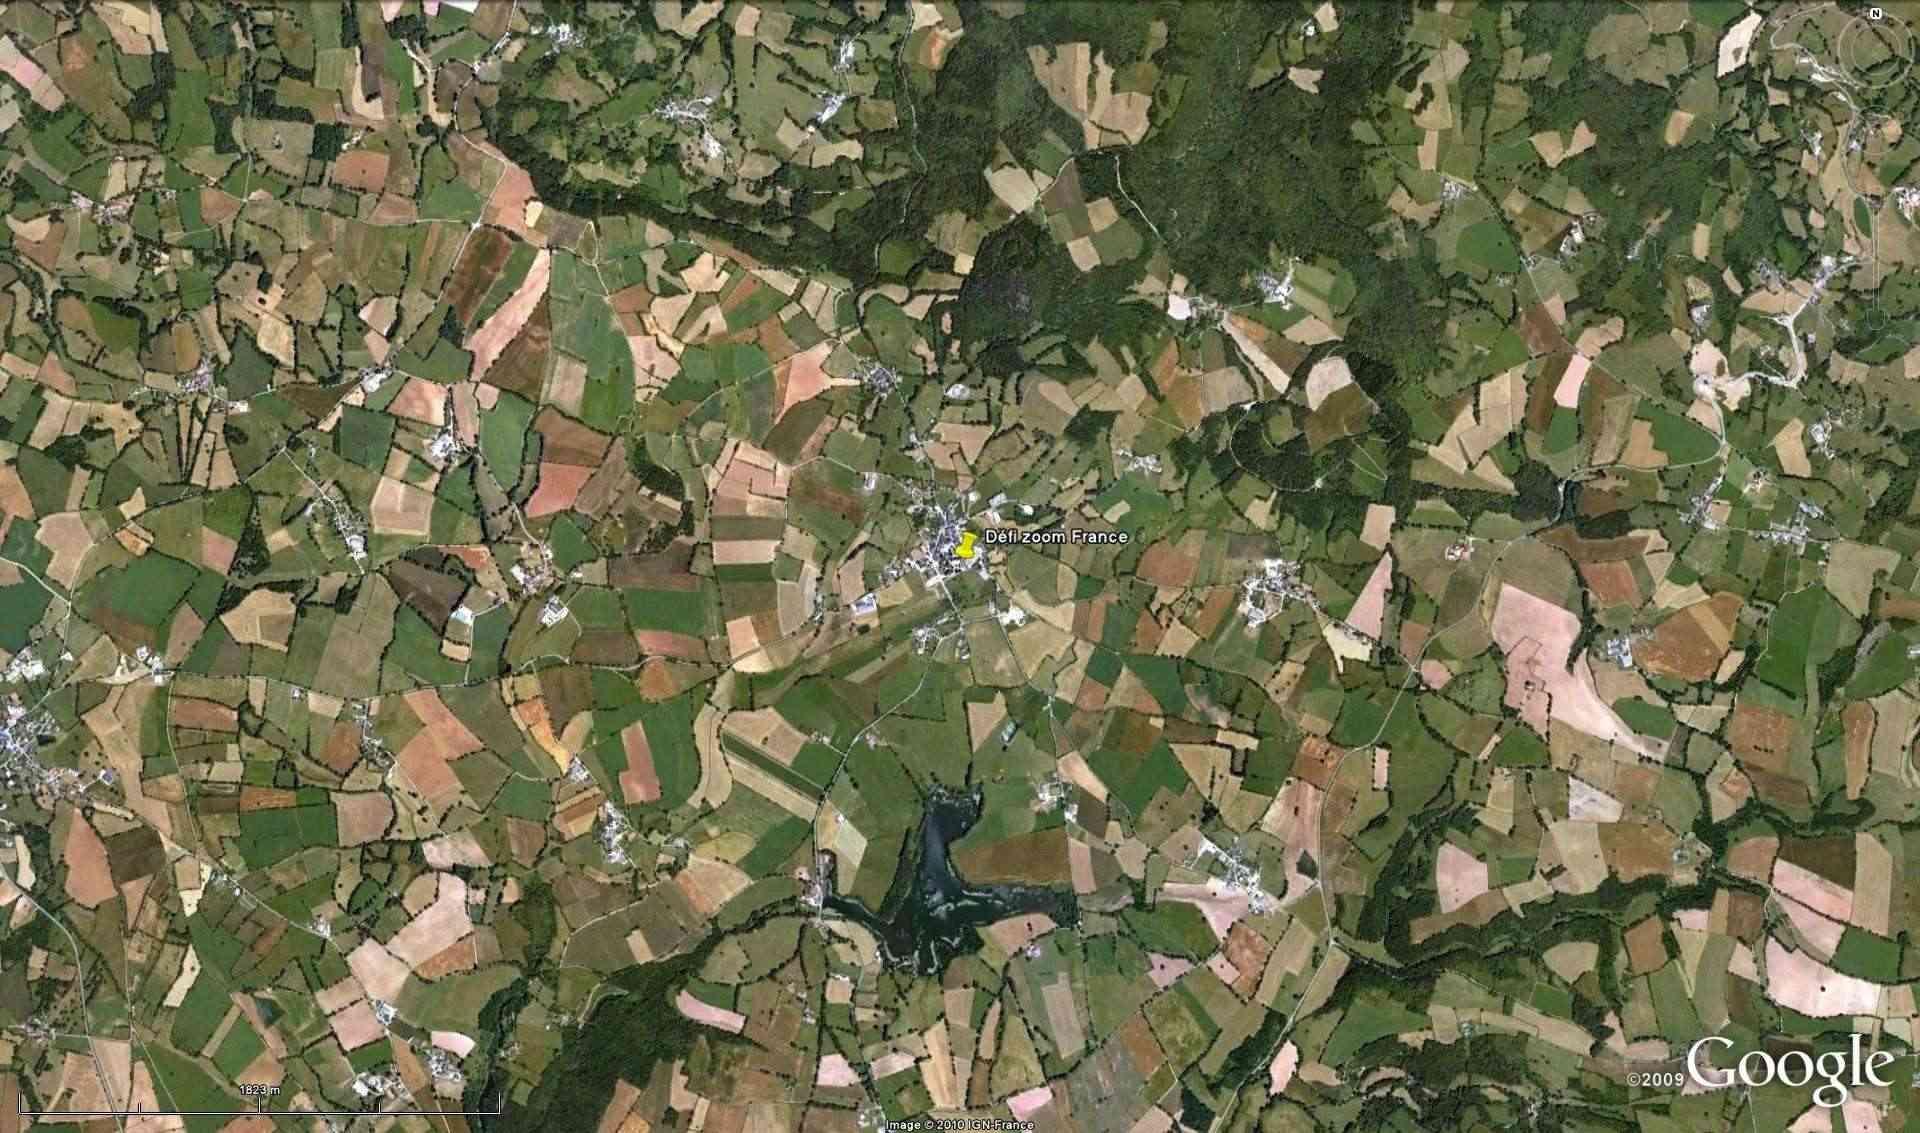 DEFIS ZOOM FRANCE 66 à 87 (Mai/Septembre 2010) - Page 65 Defi_f13